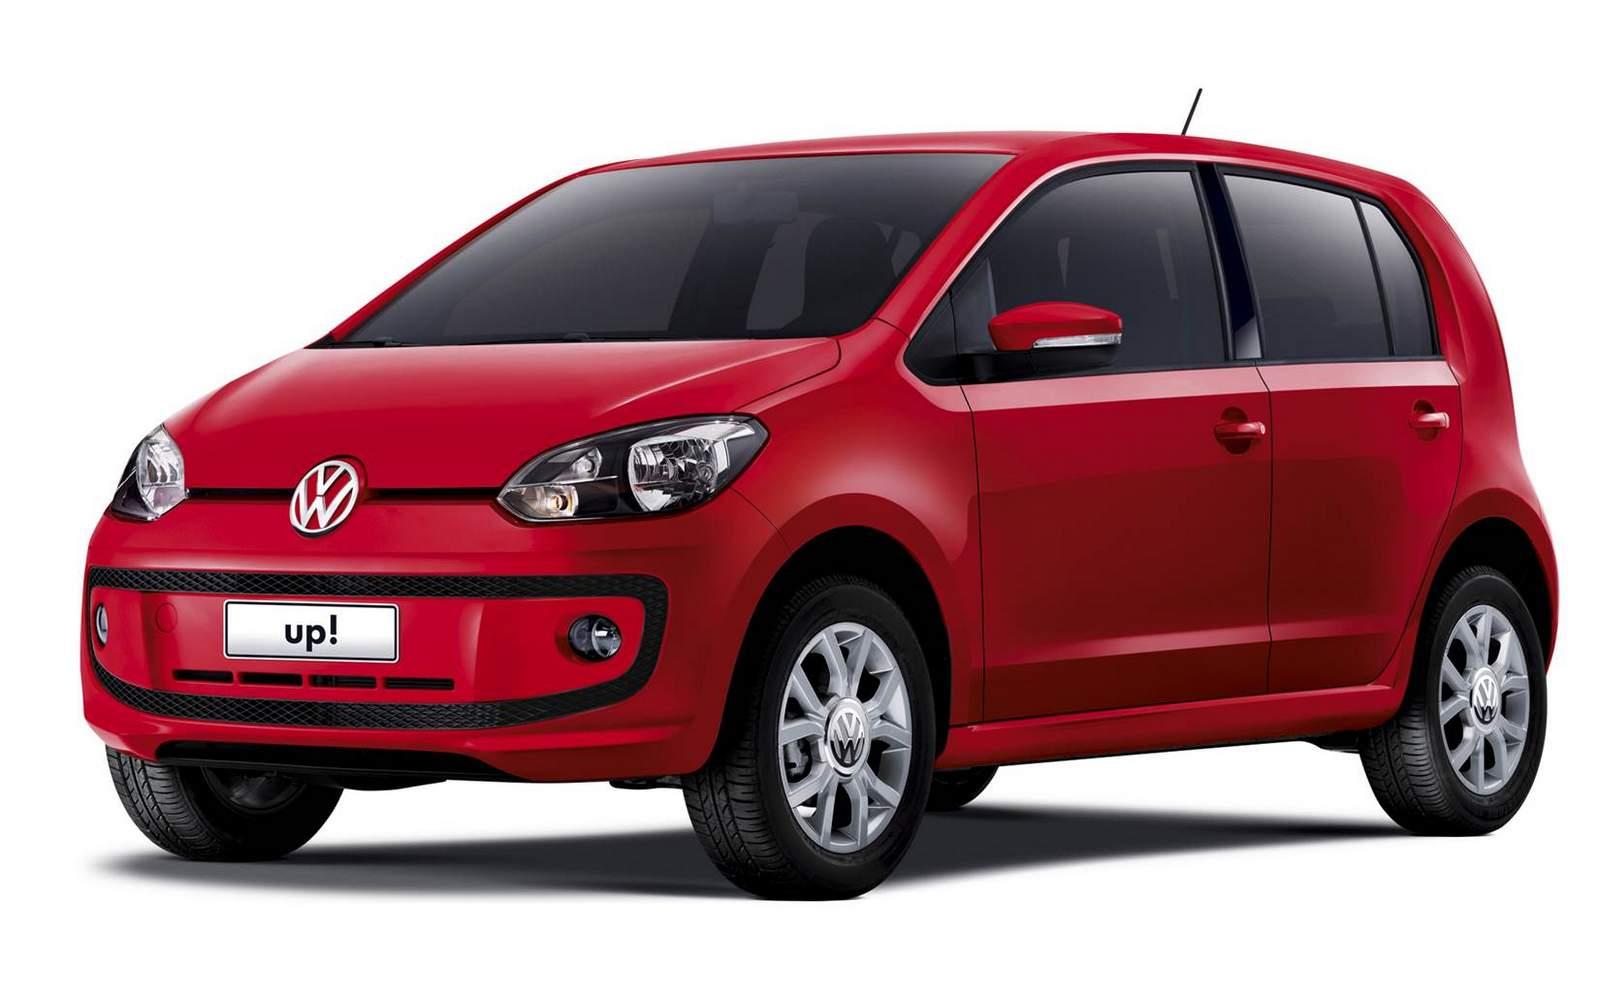 Volkswagen up!: relação de concorrentes no Uruguai